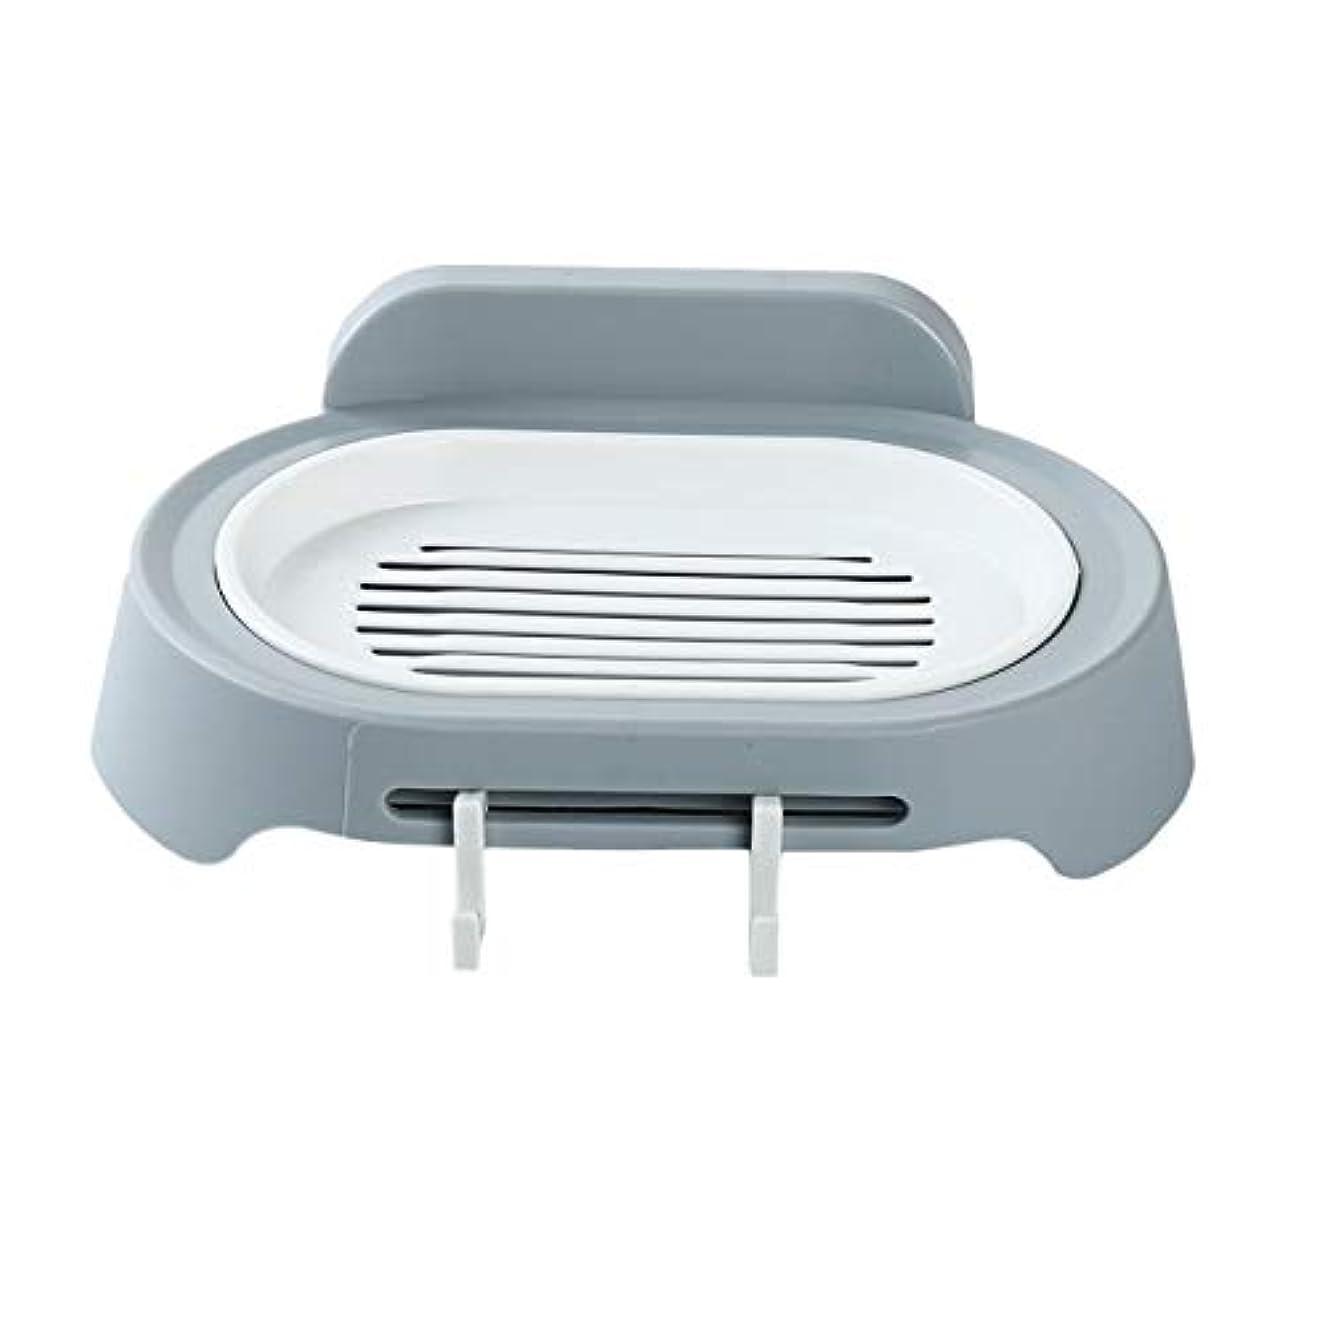 十年最大限少ないZALING 灰色のホックが付いているの浴室の石鹸の貯蔵の吸引の壁に取り付けられた石鹸のオルガナイザー